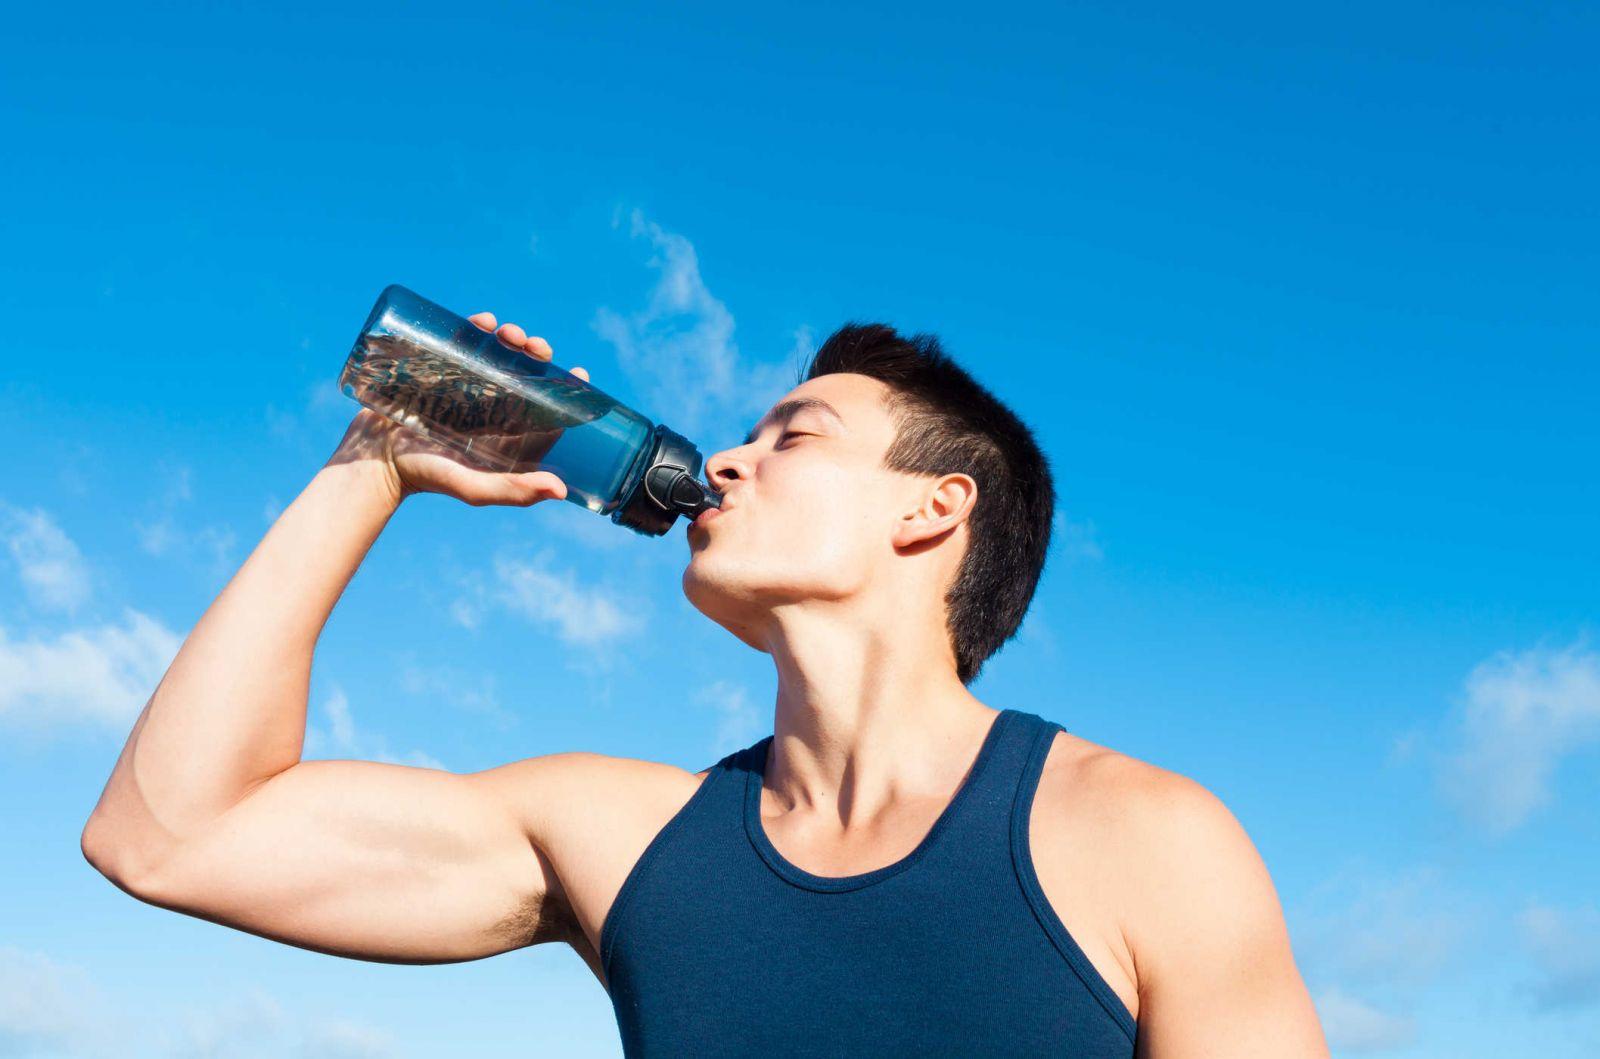 Nước lọc rất cần thiết cho cơ thể và sức khỏe